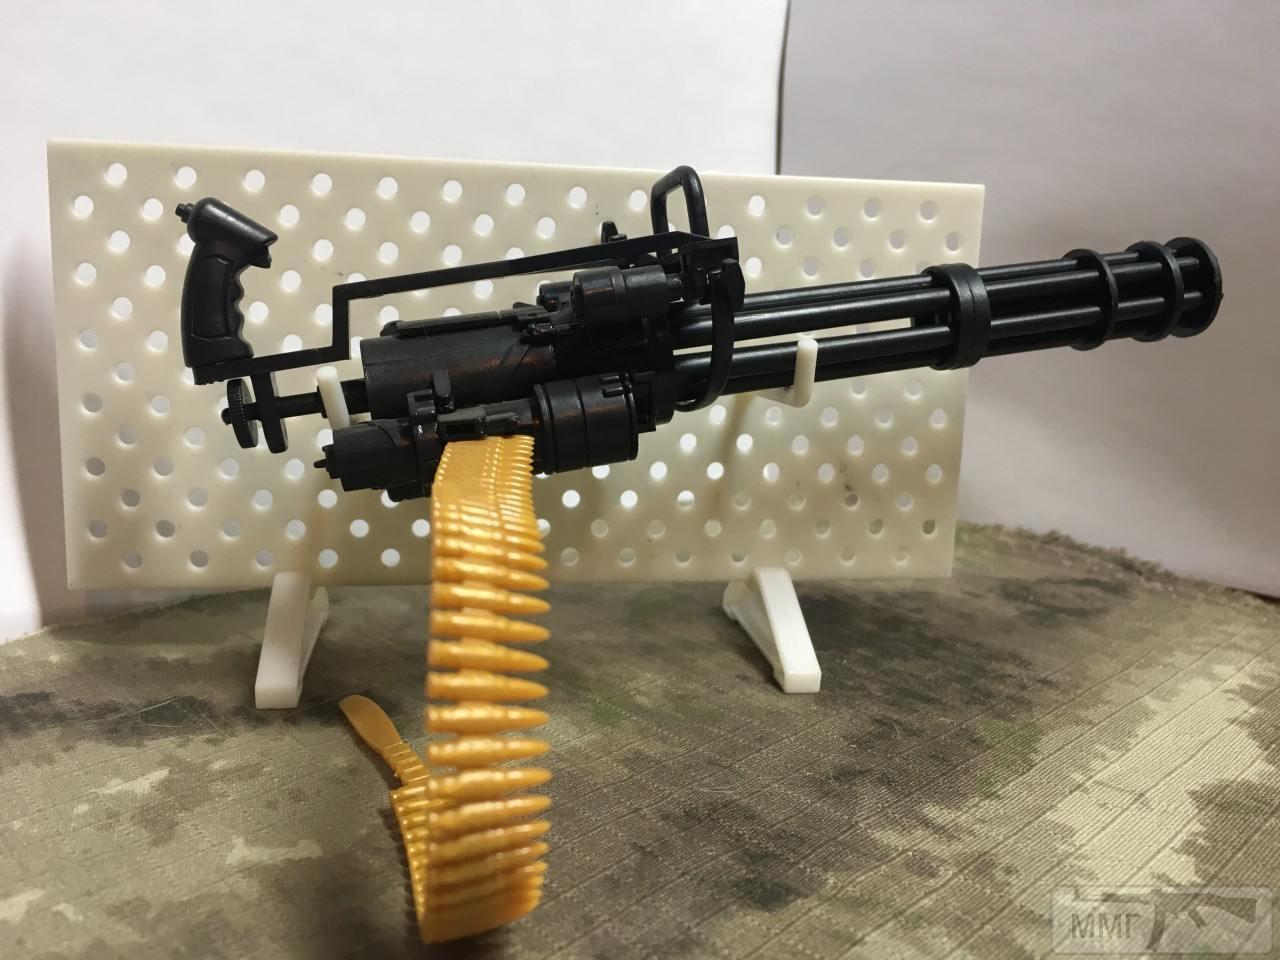 54011 - Макеты оружия/ модели 1:6